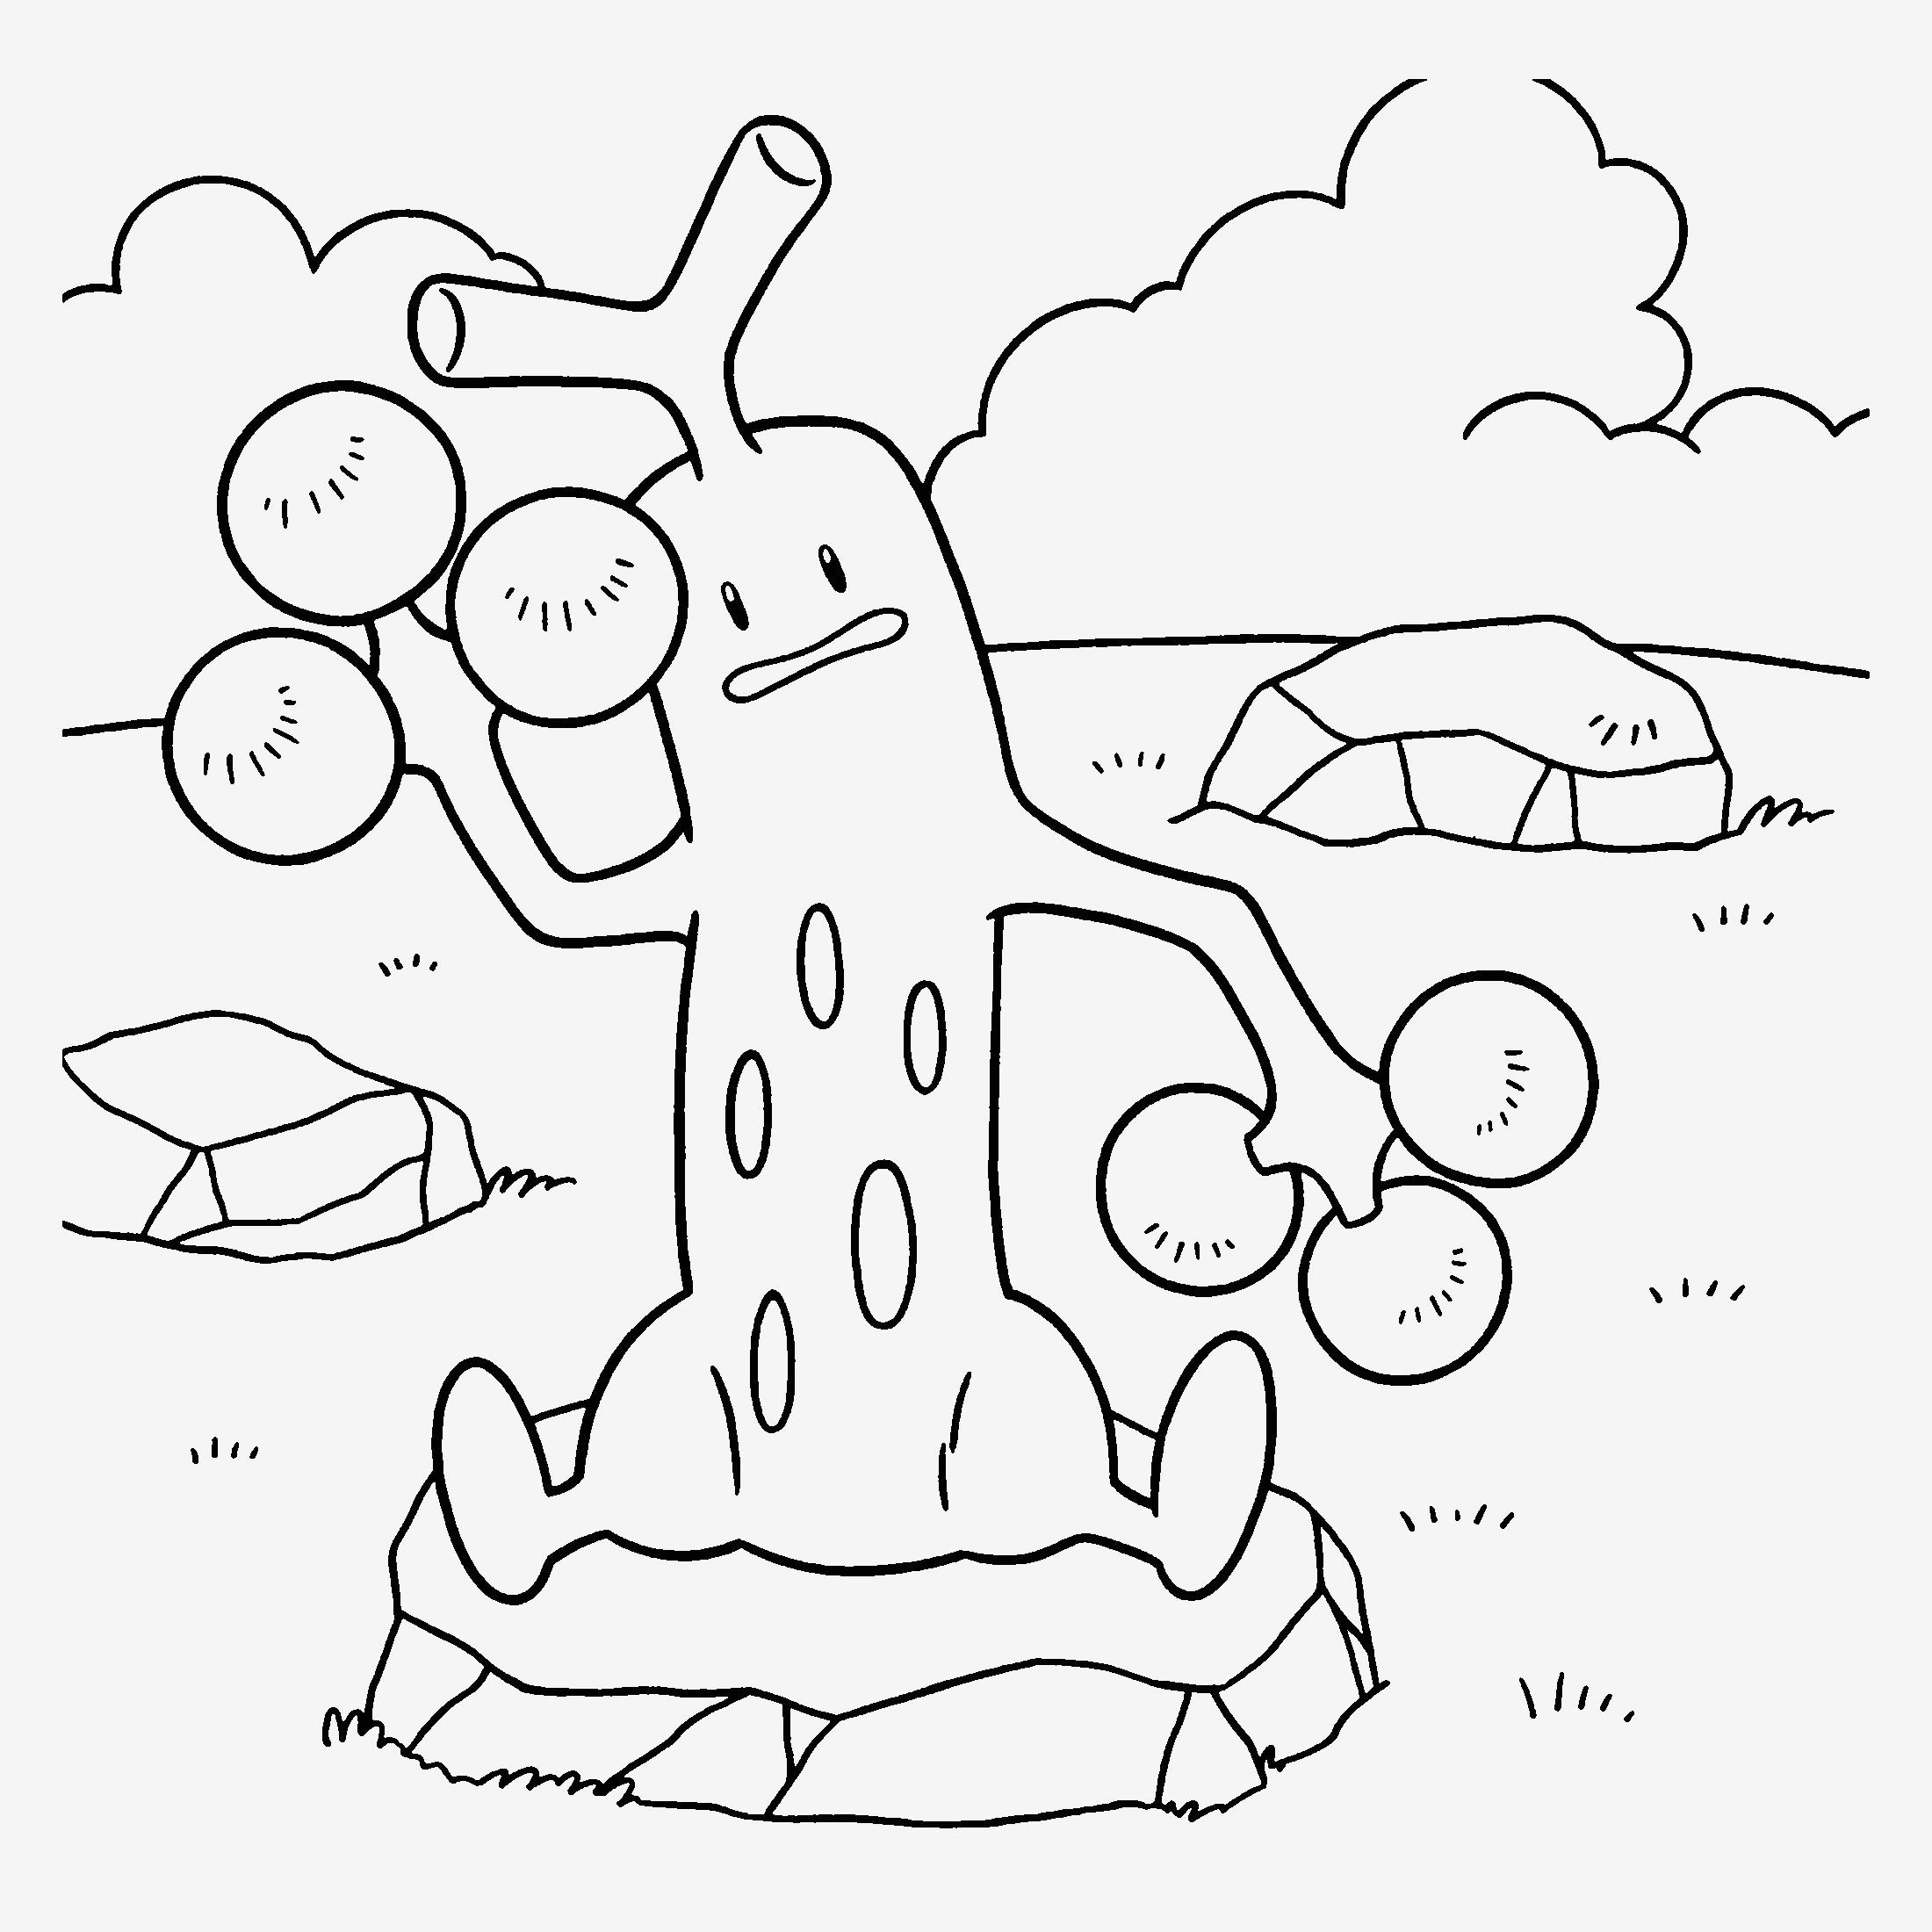 Pokemon Ausmalbilder Kostenlos Das Beste Von 32 Herbst Ausmalbilder Pilze Scoredatscore Neu Pokemon Ausmalbilder Stock